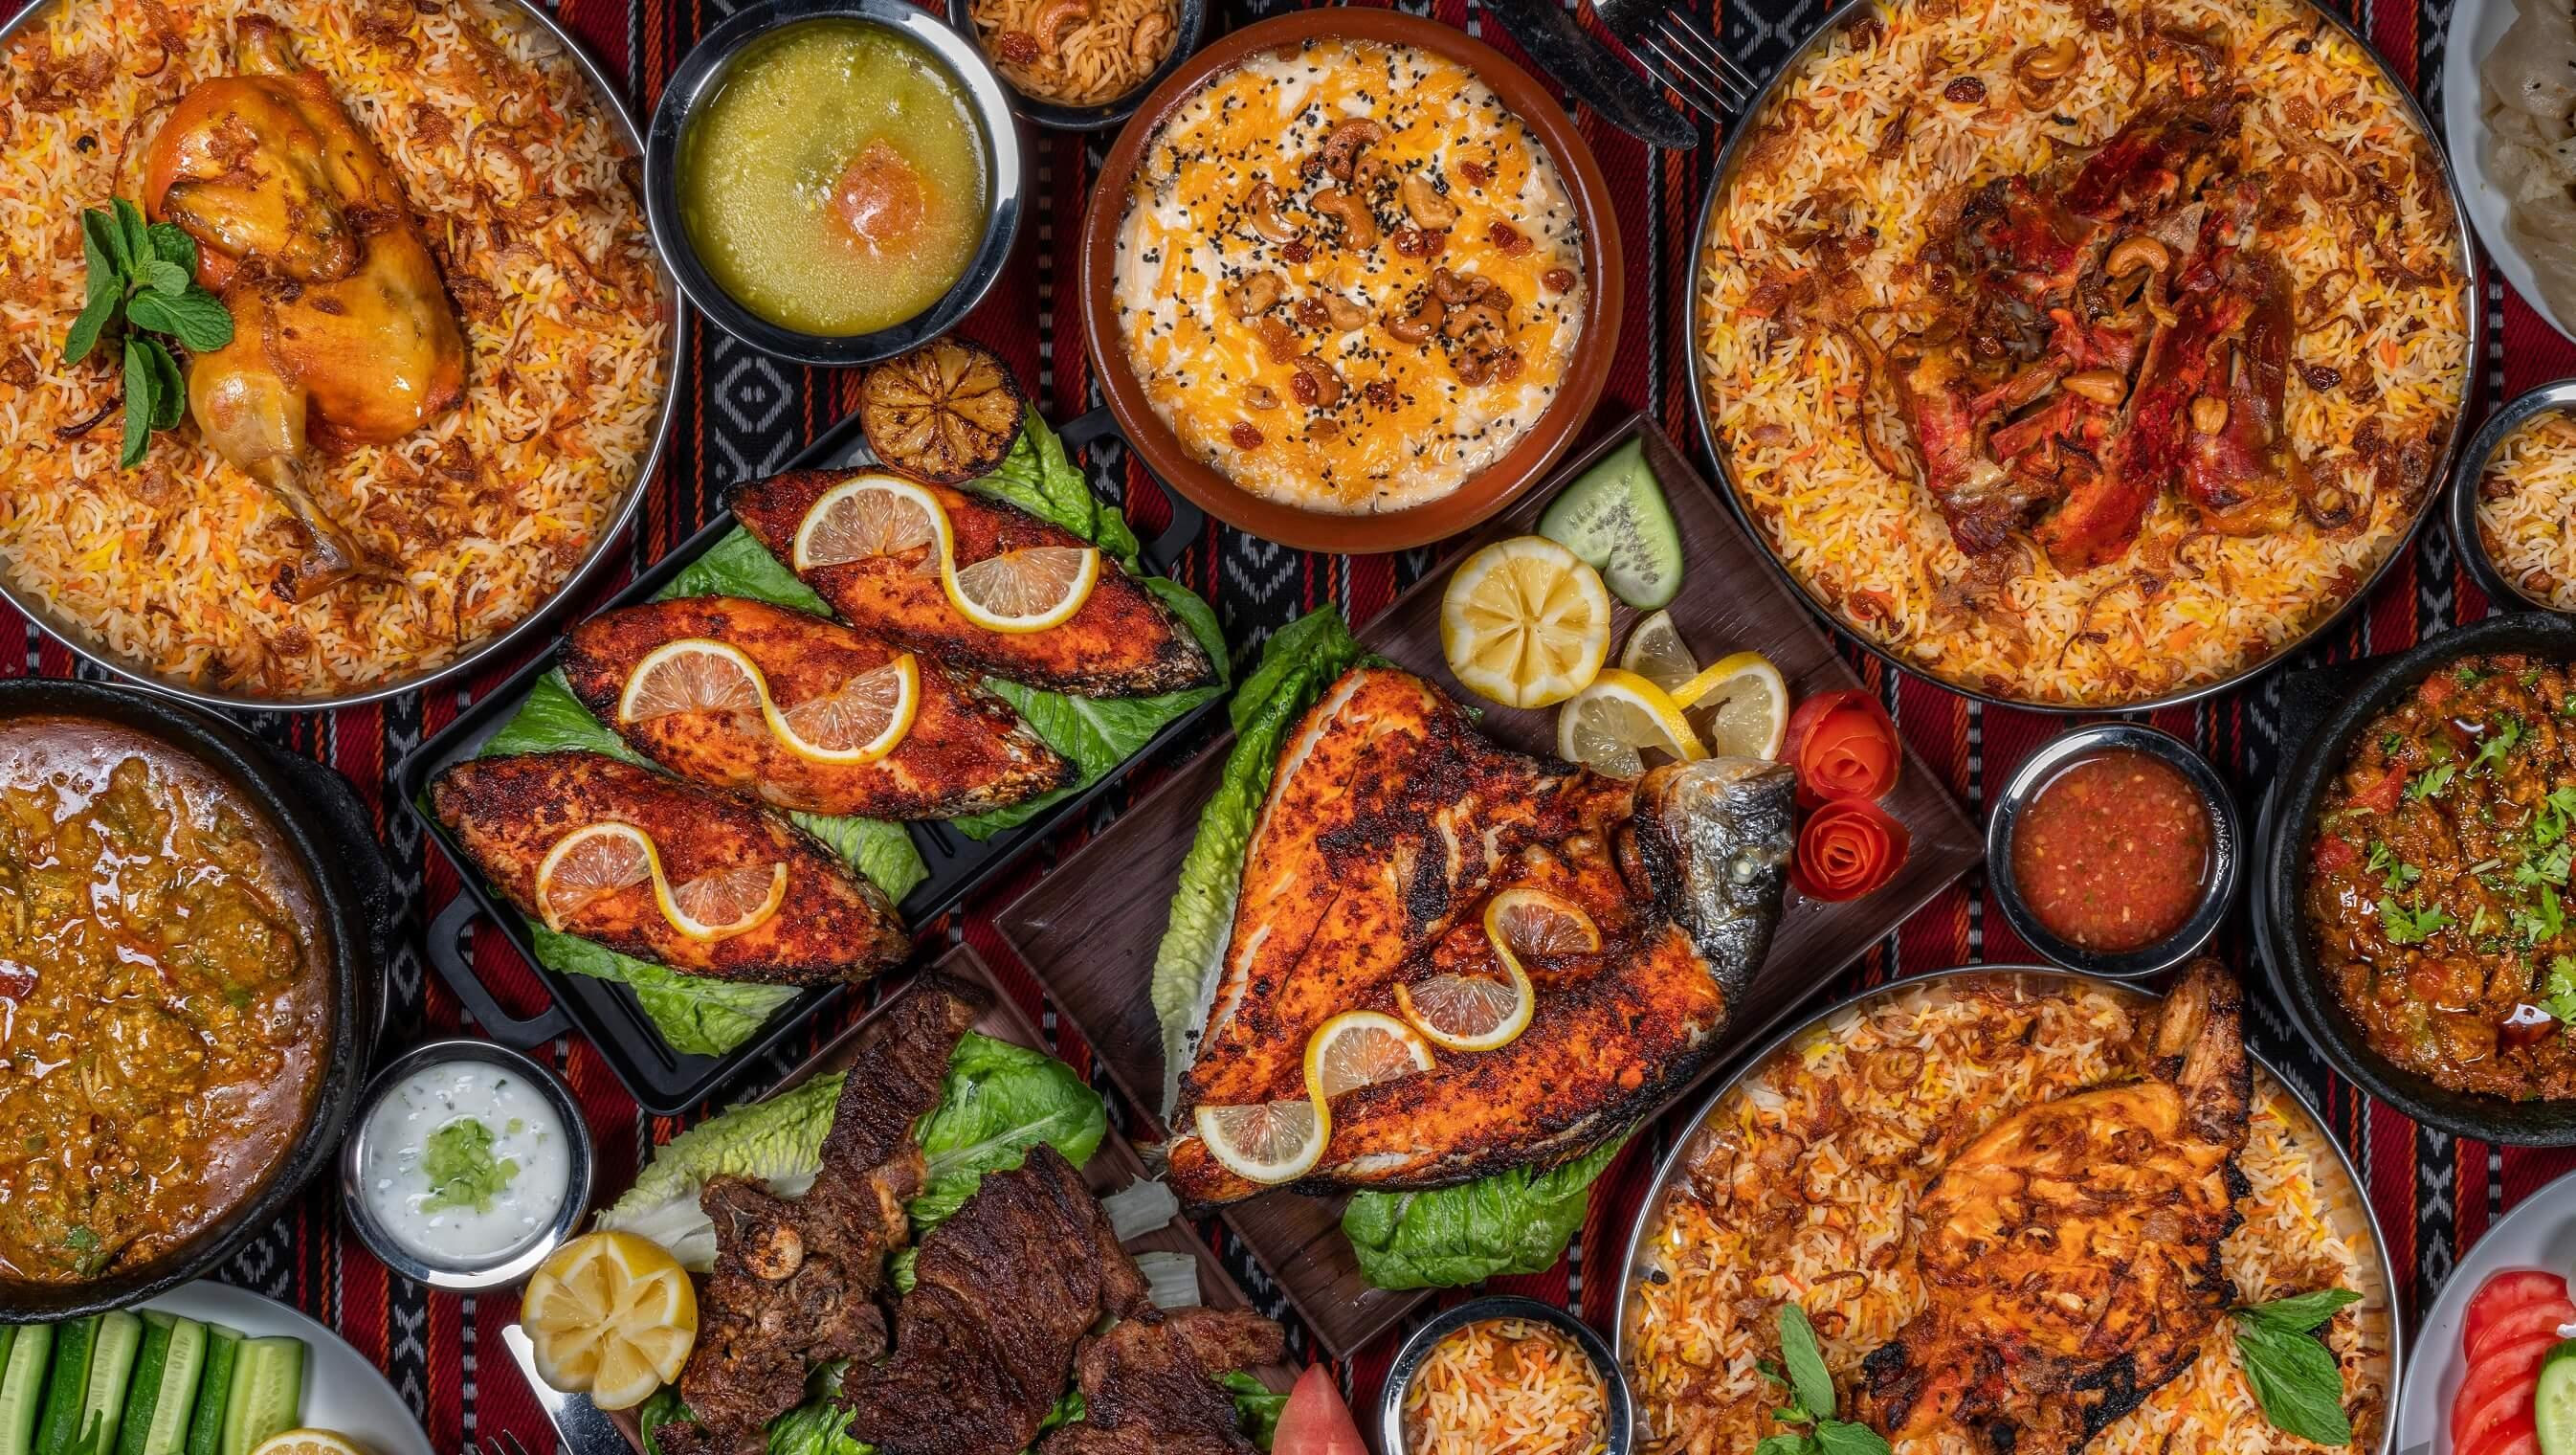 مطعم قصر التراث يقدم فرصة خلق ذكريات رمضانية مثالية لا يمكن نسيانها